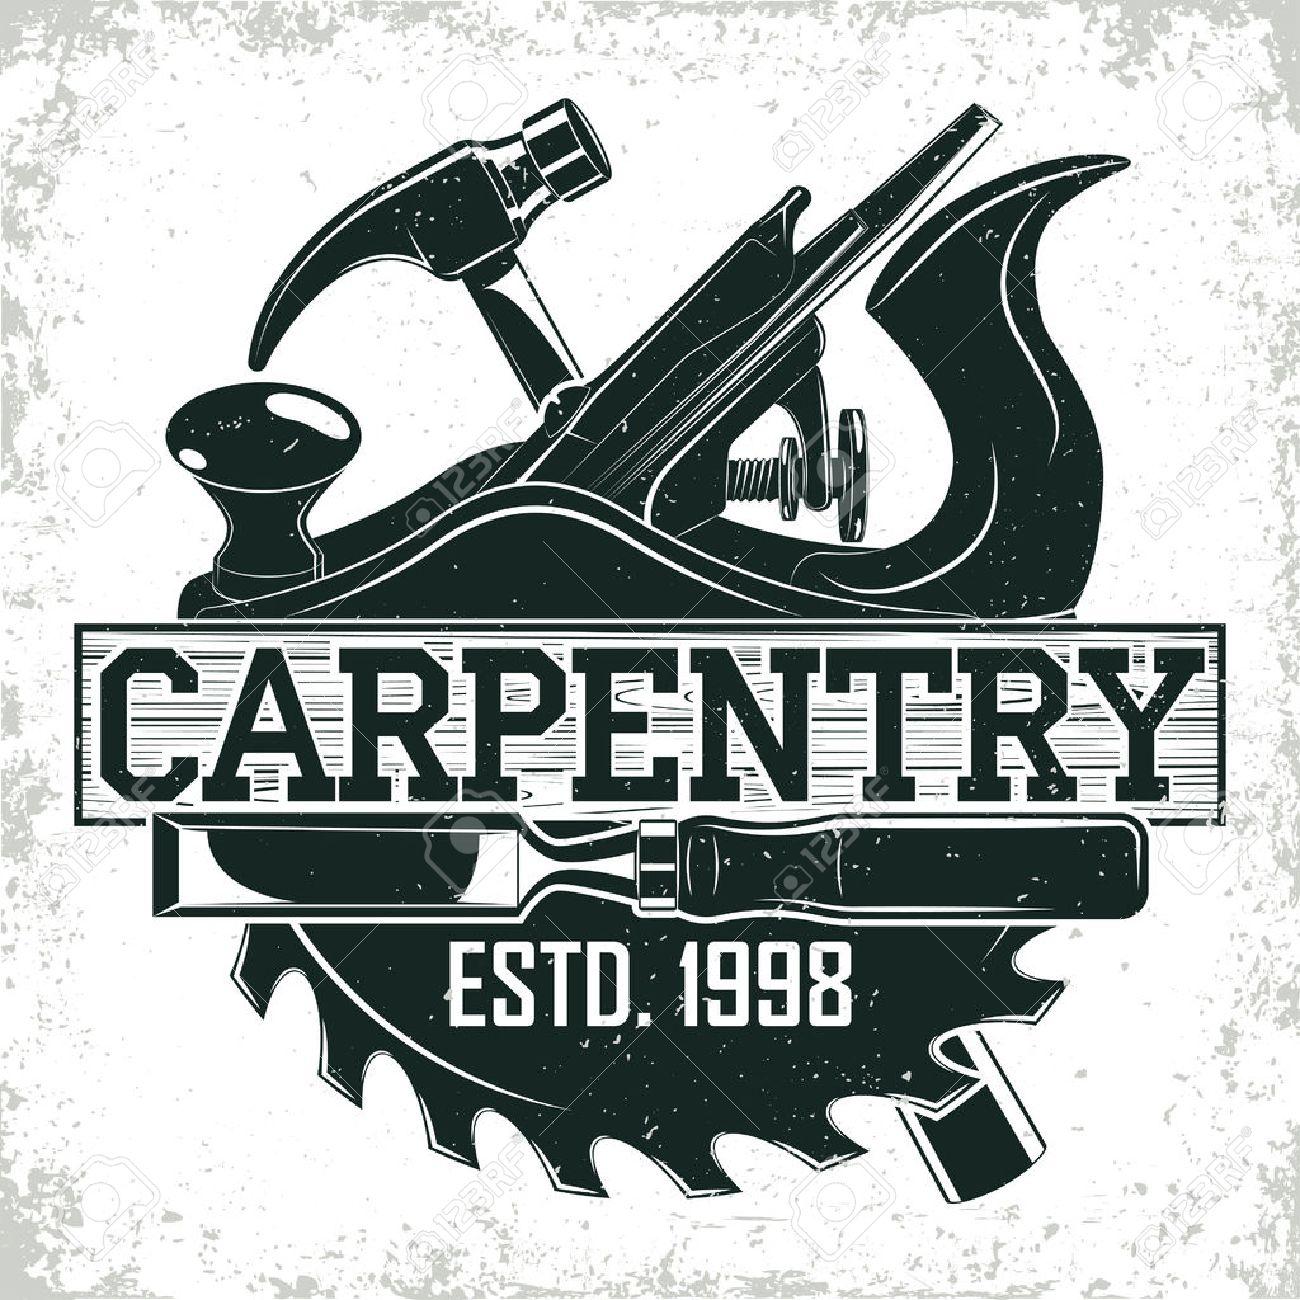 Vintage woodworking logo design, grange print stamp, creative carpentry typography emblem, Vector - 72243721